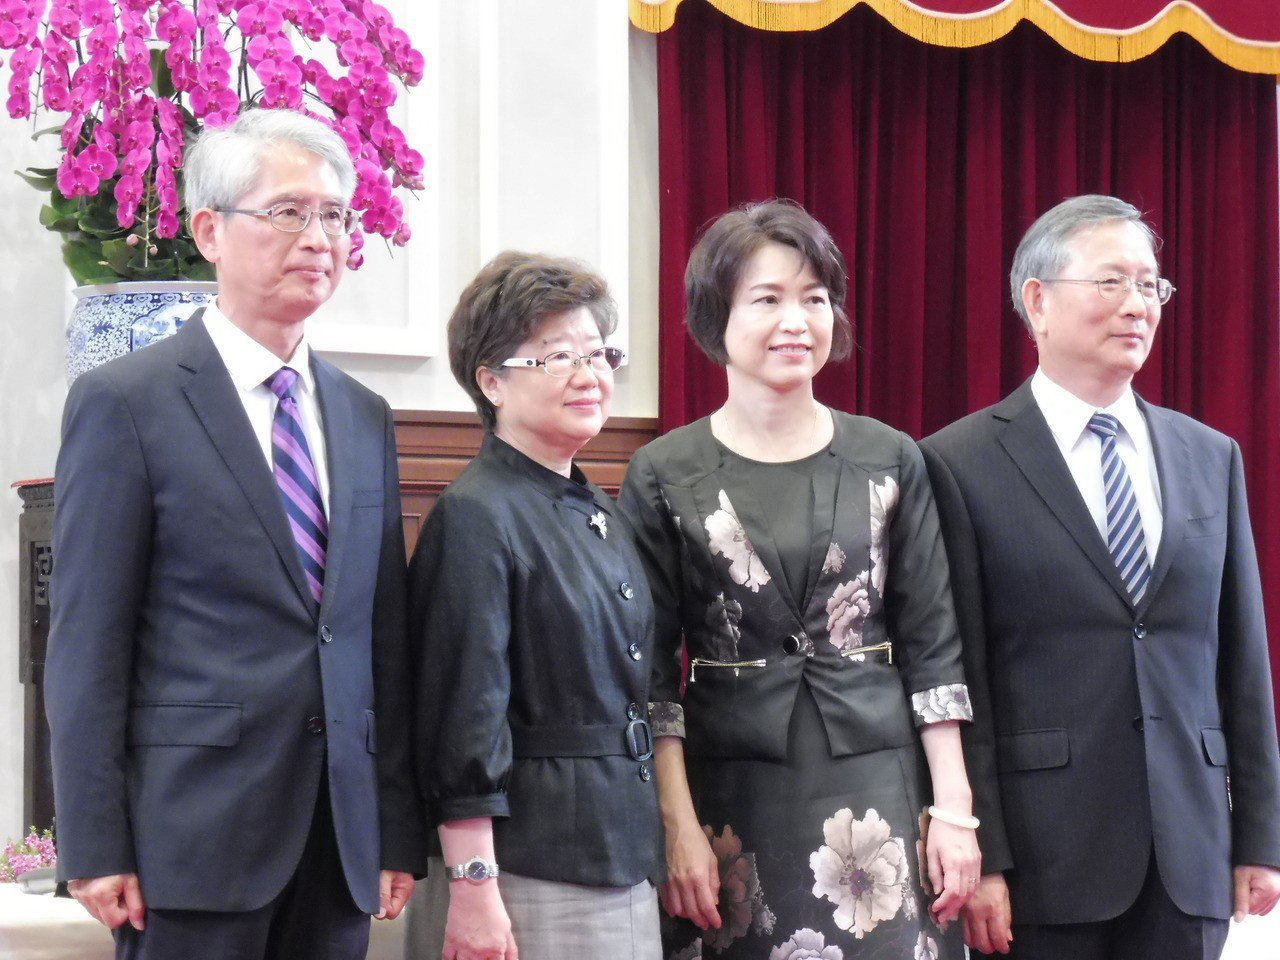 大法官被提名人,左起謝銘洋、楊惠欽、蔡宗珍、呂太郎。 記者賴于榛/攝影